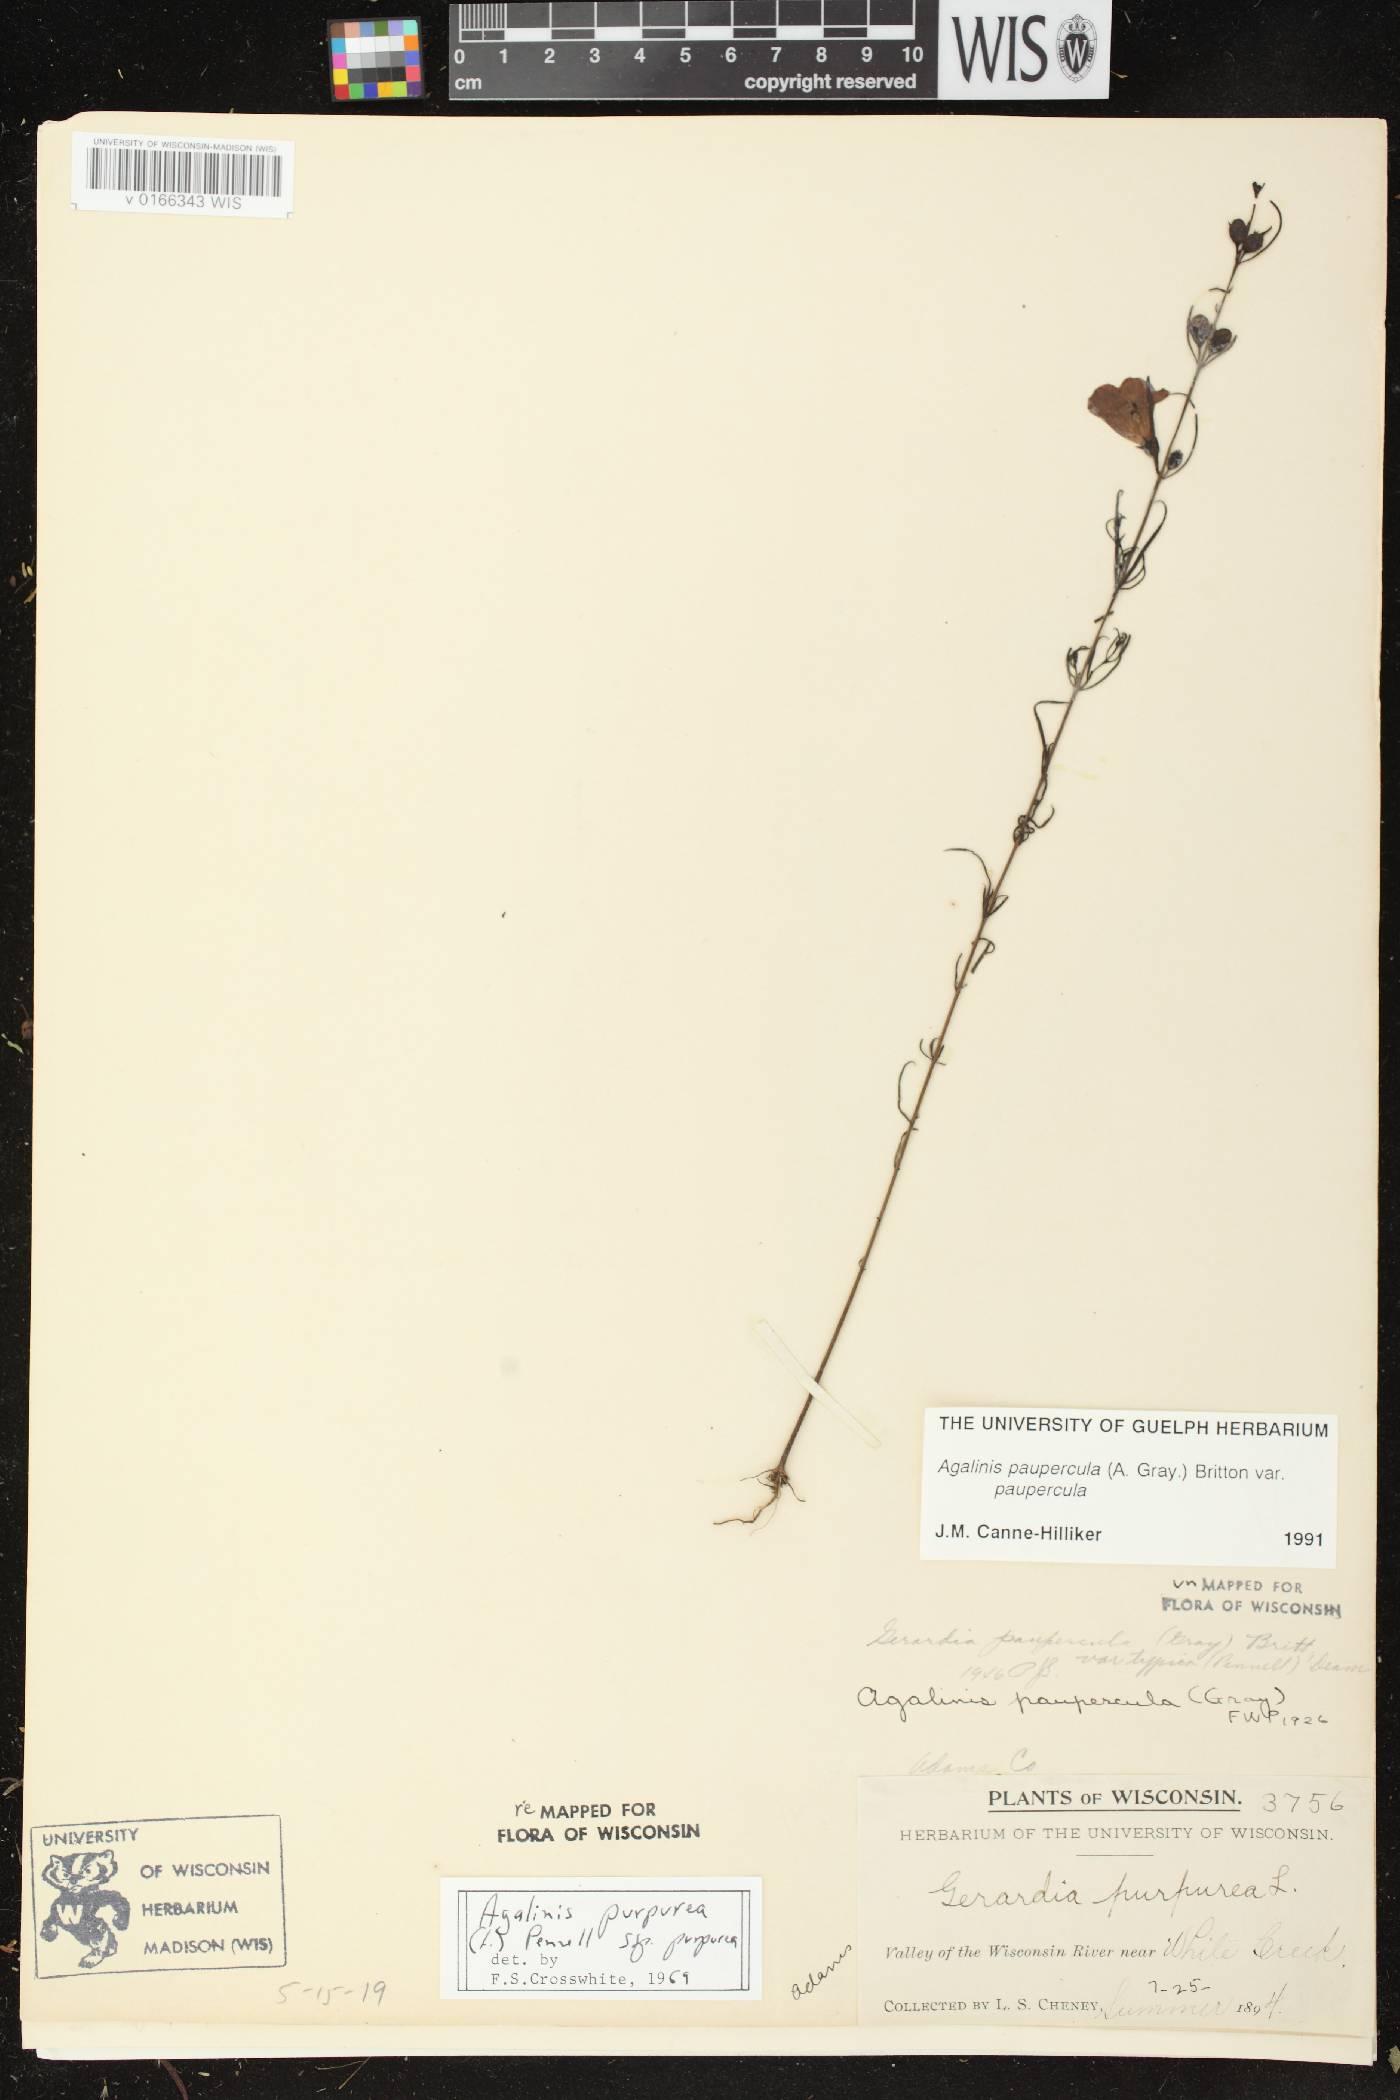 Agalinis paupercula var. paupercula image